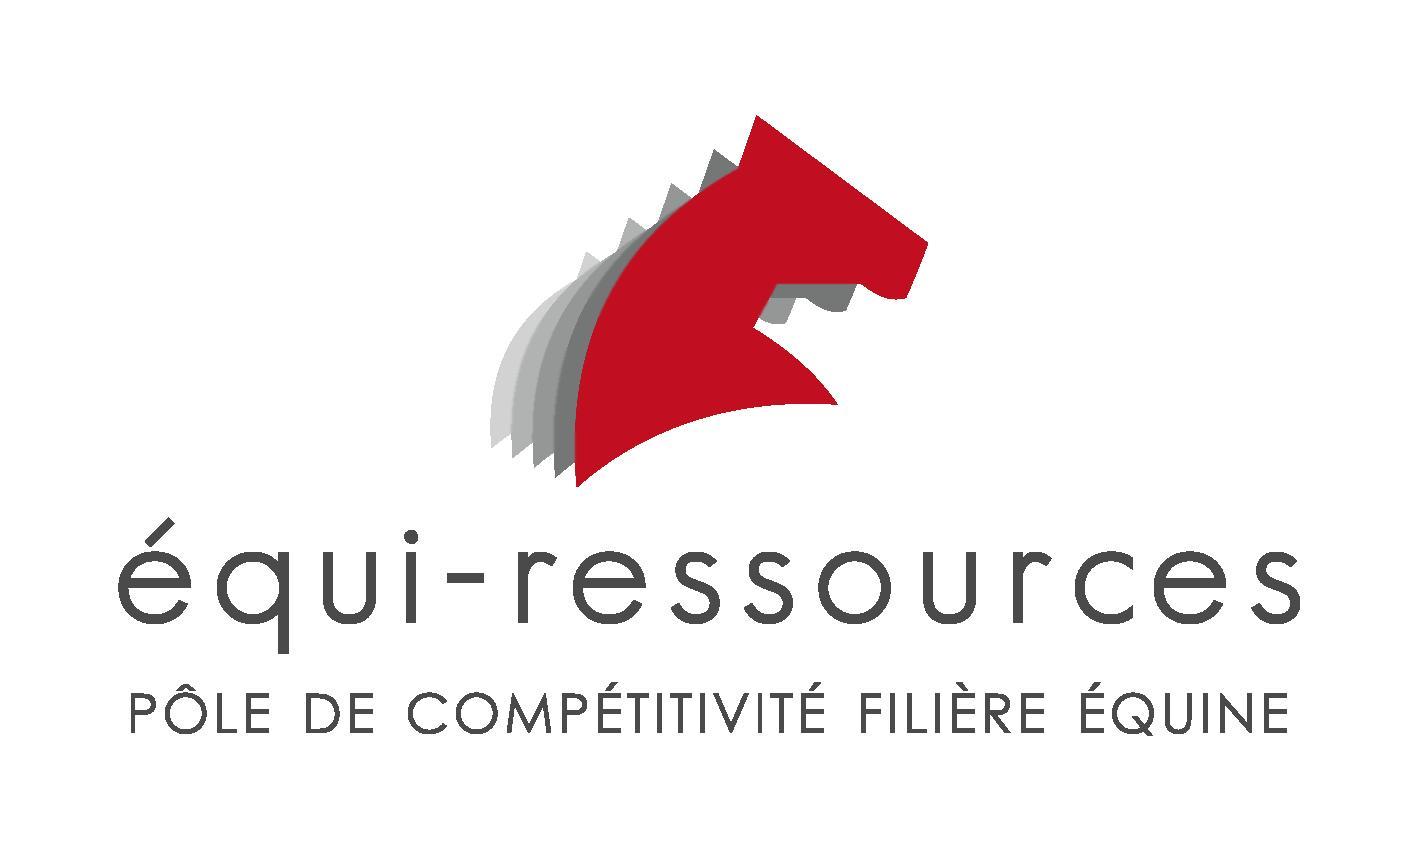 Bilan des offres Equiressources au 31 décembre 2017